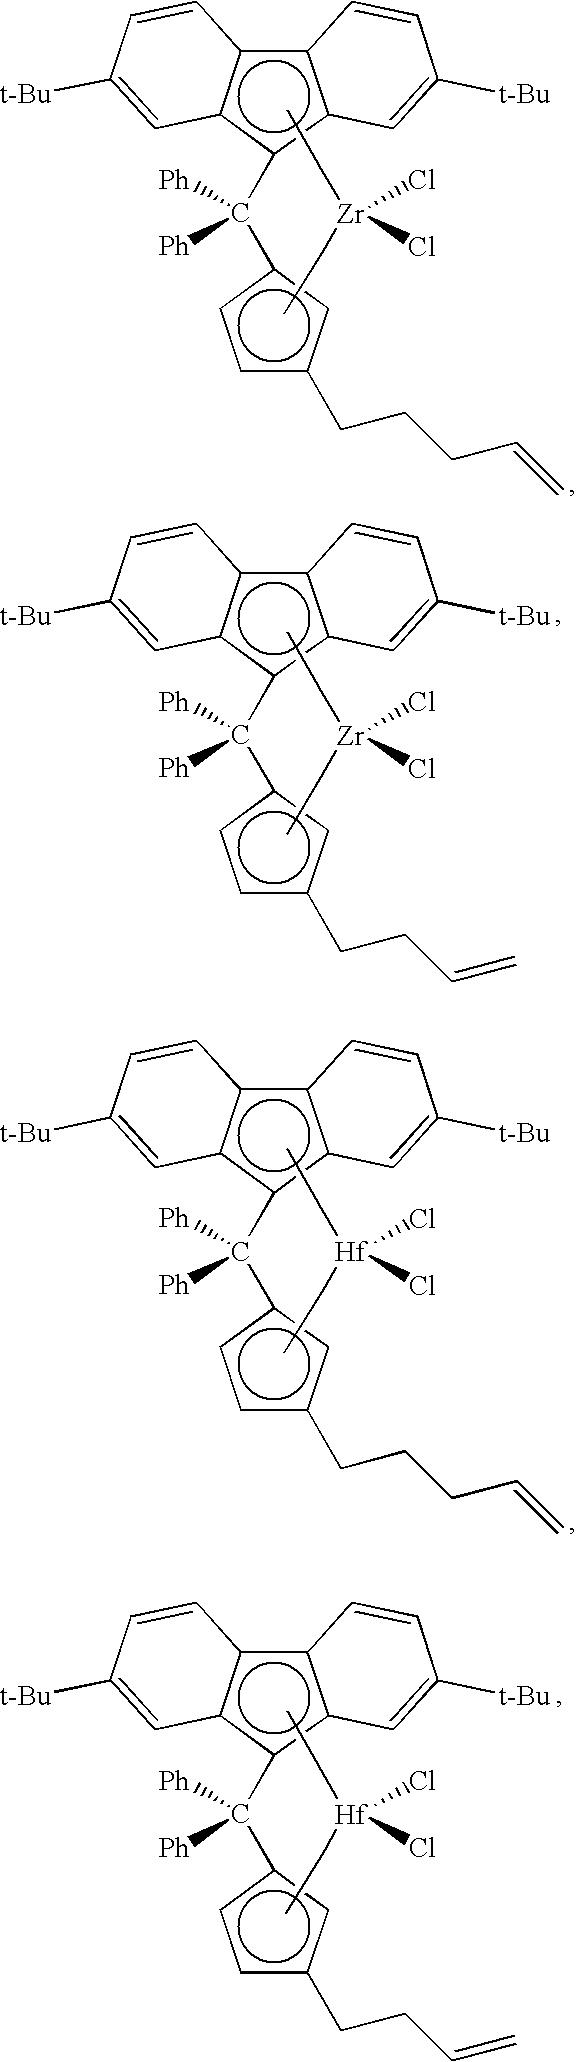 Figure US08114946-20120214-C00003